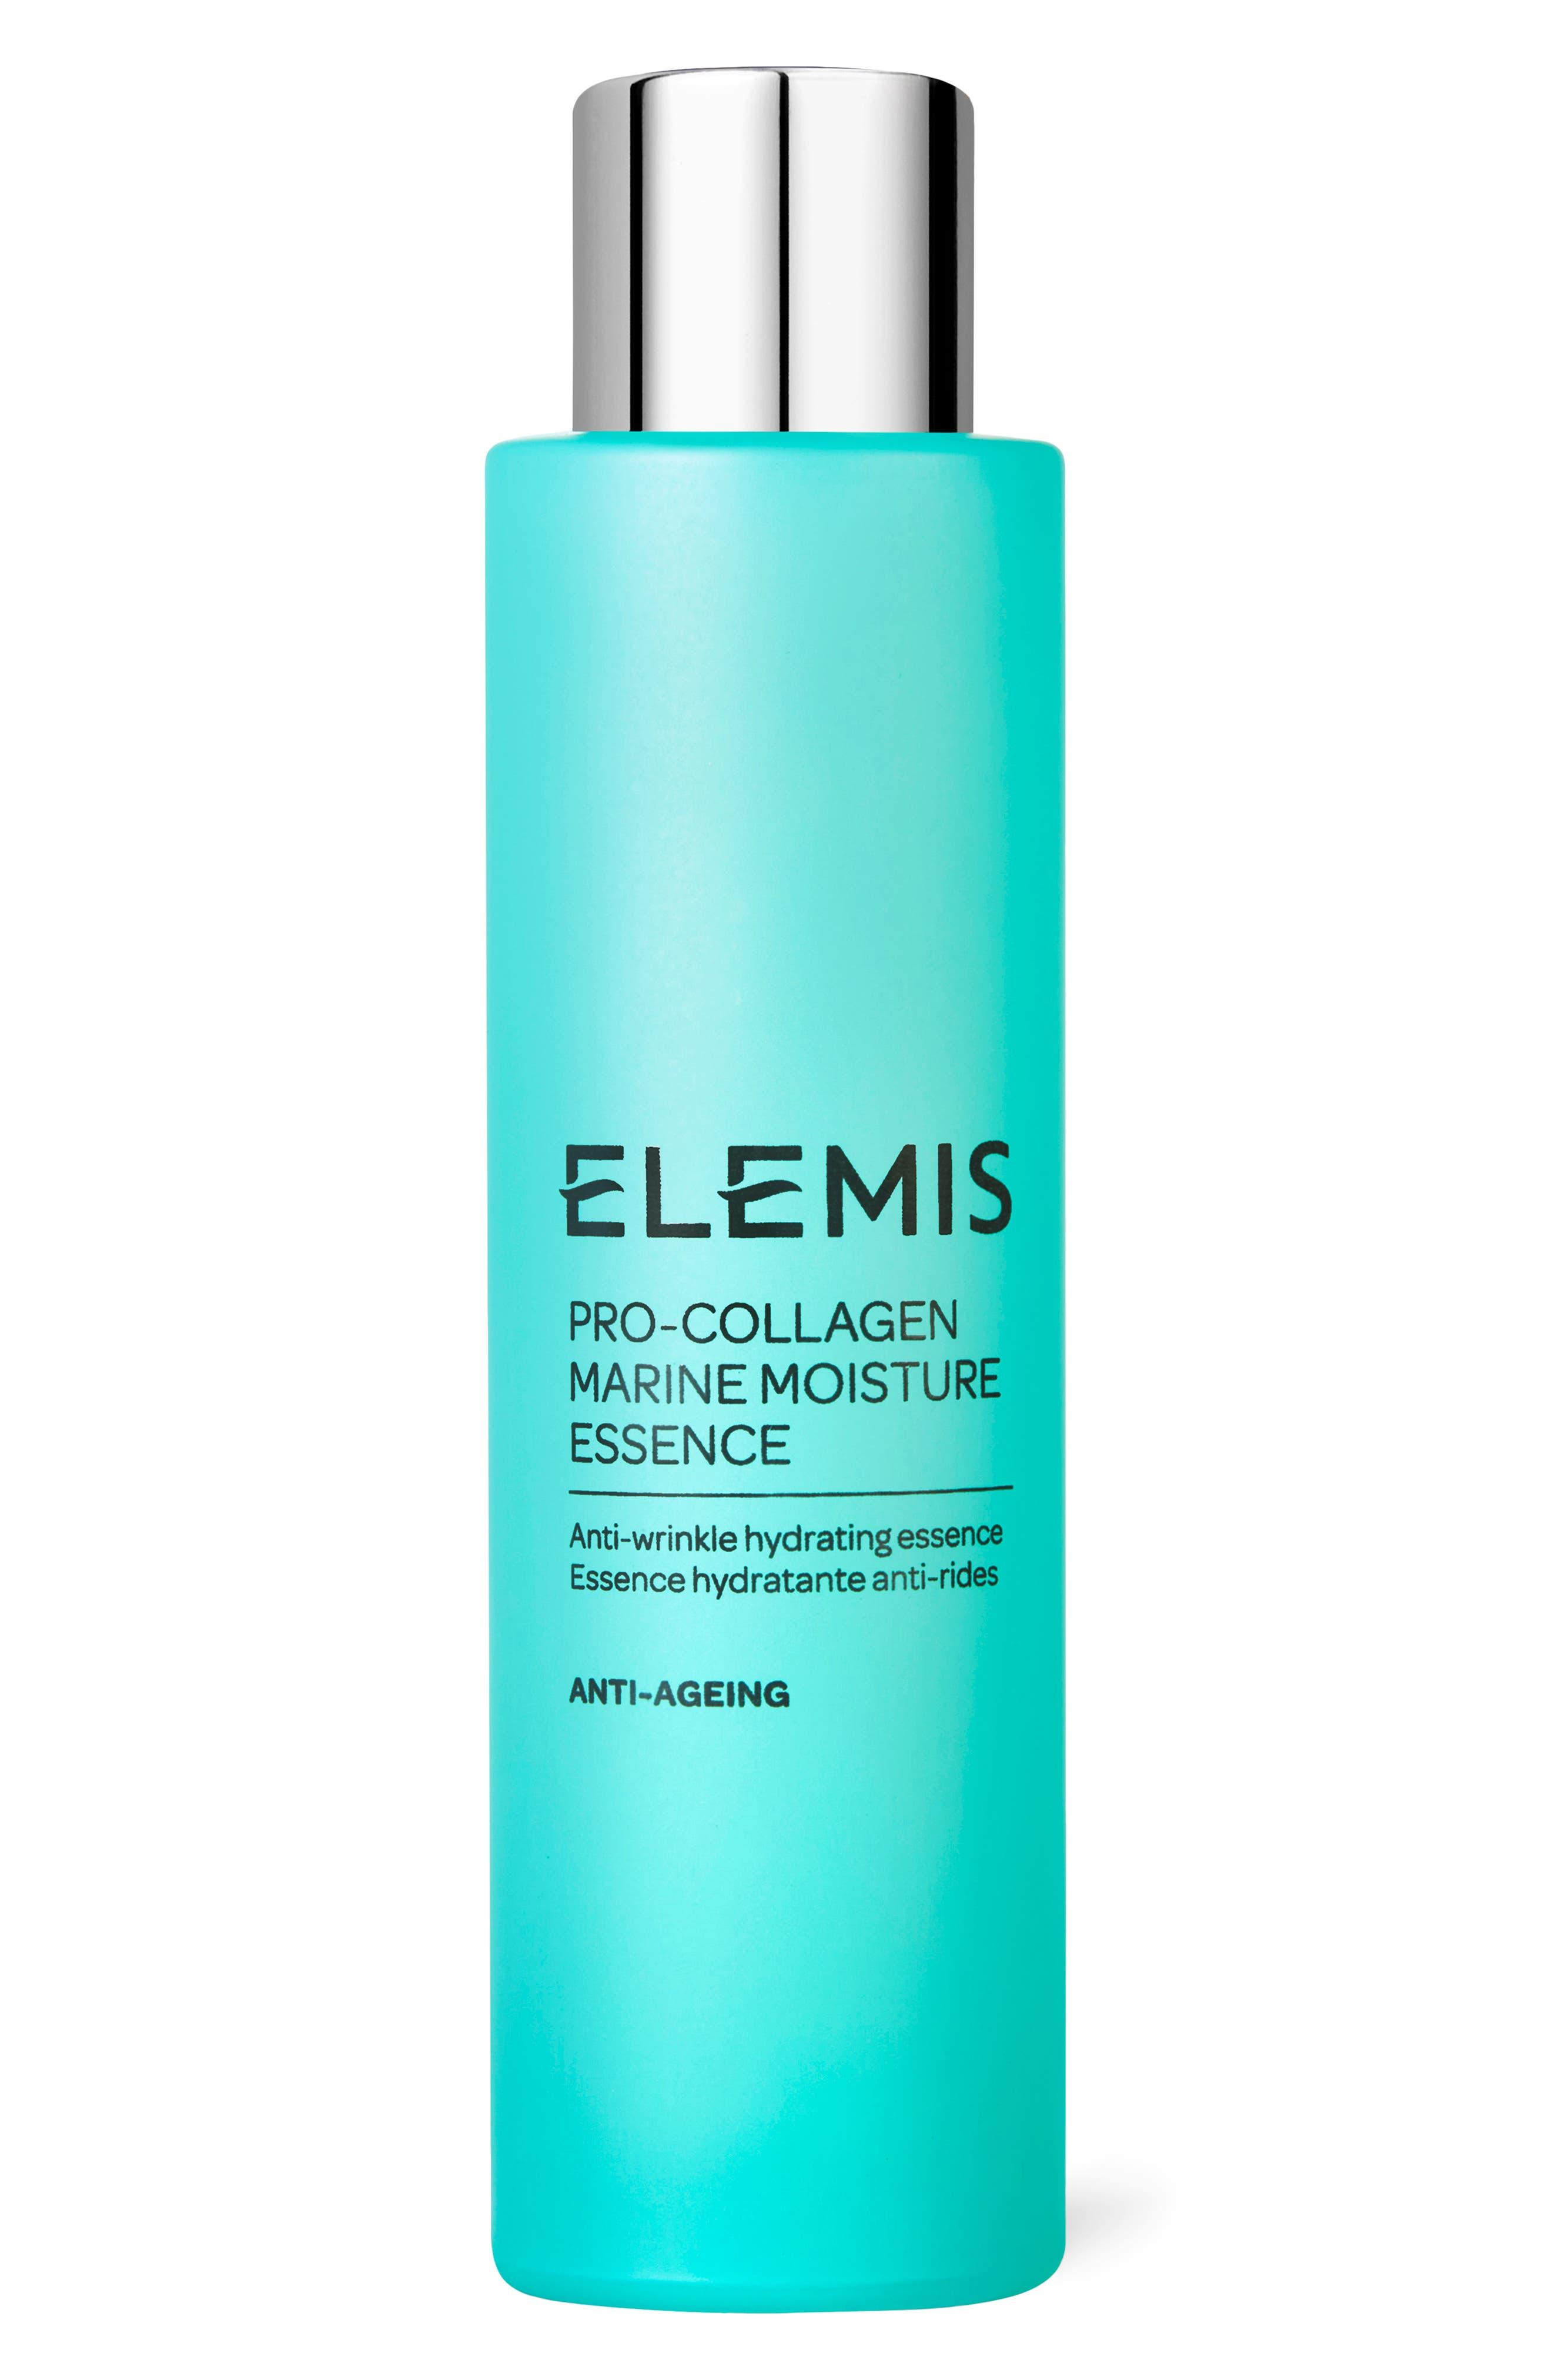 Pro-Collagen Marine Moisture Essence